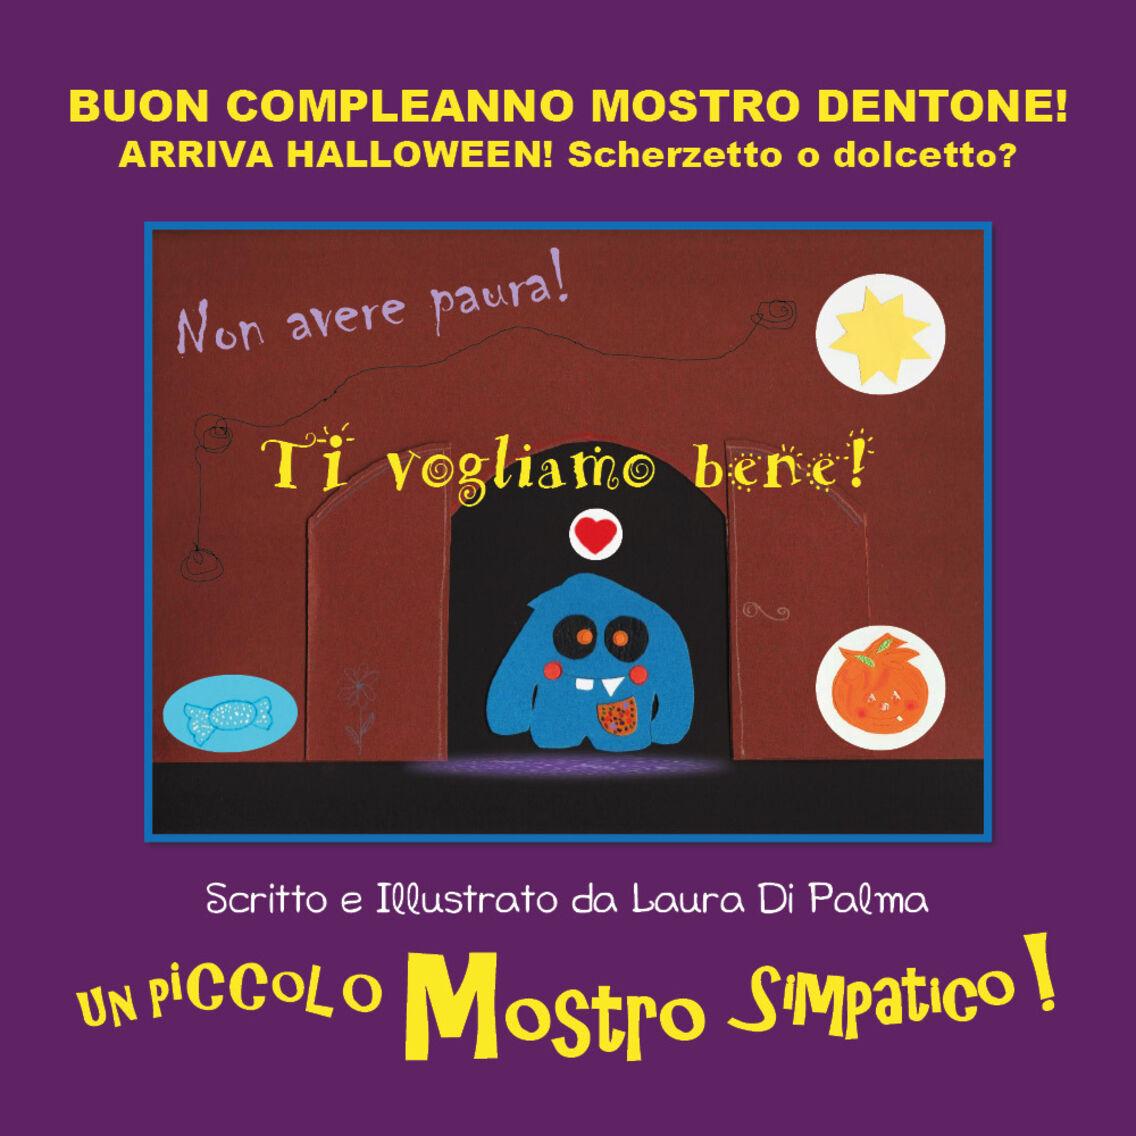 Buon compleanno Mostro Dentone! Arriva Halloween! Scherzetto o dolcetto?